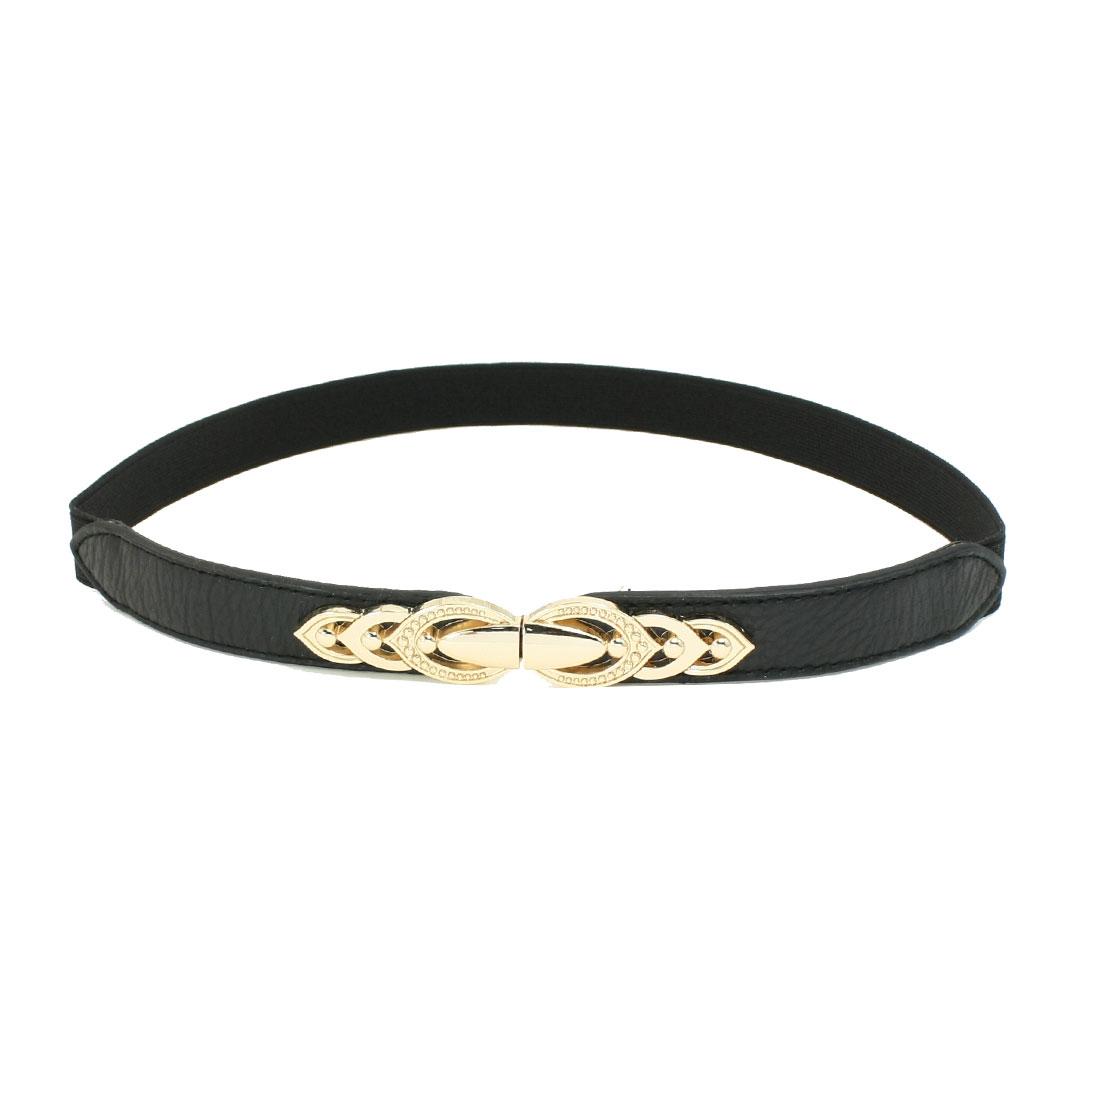 Leaf Interlink Interlocking Buckle Detail Ladies Black Texturing Waist Belt